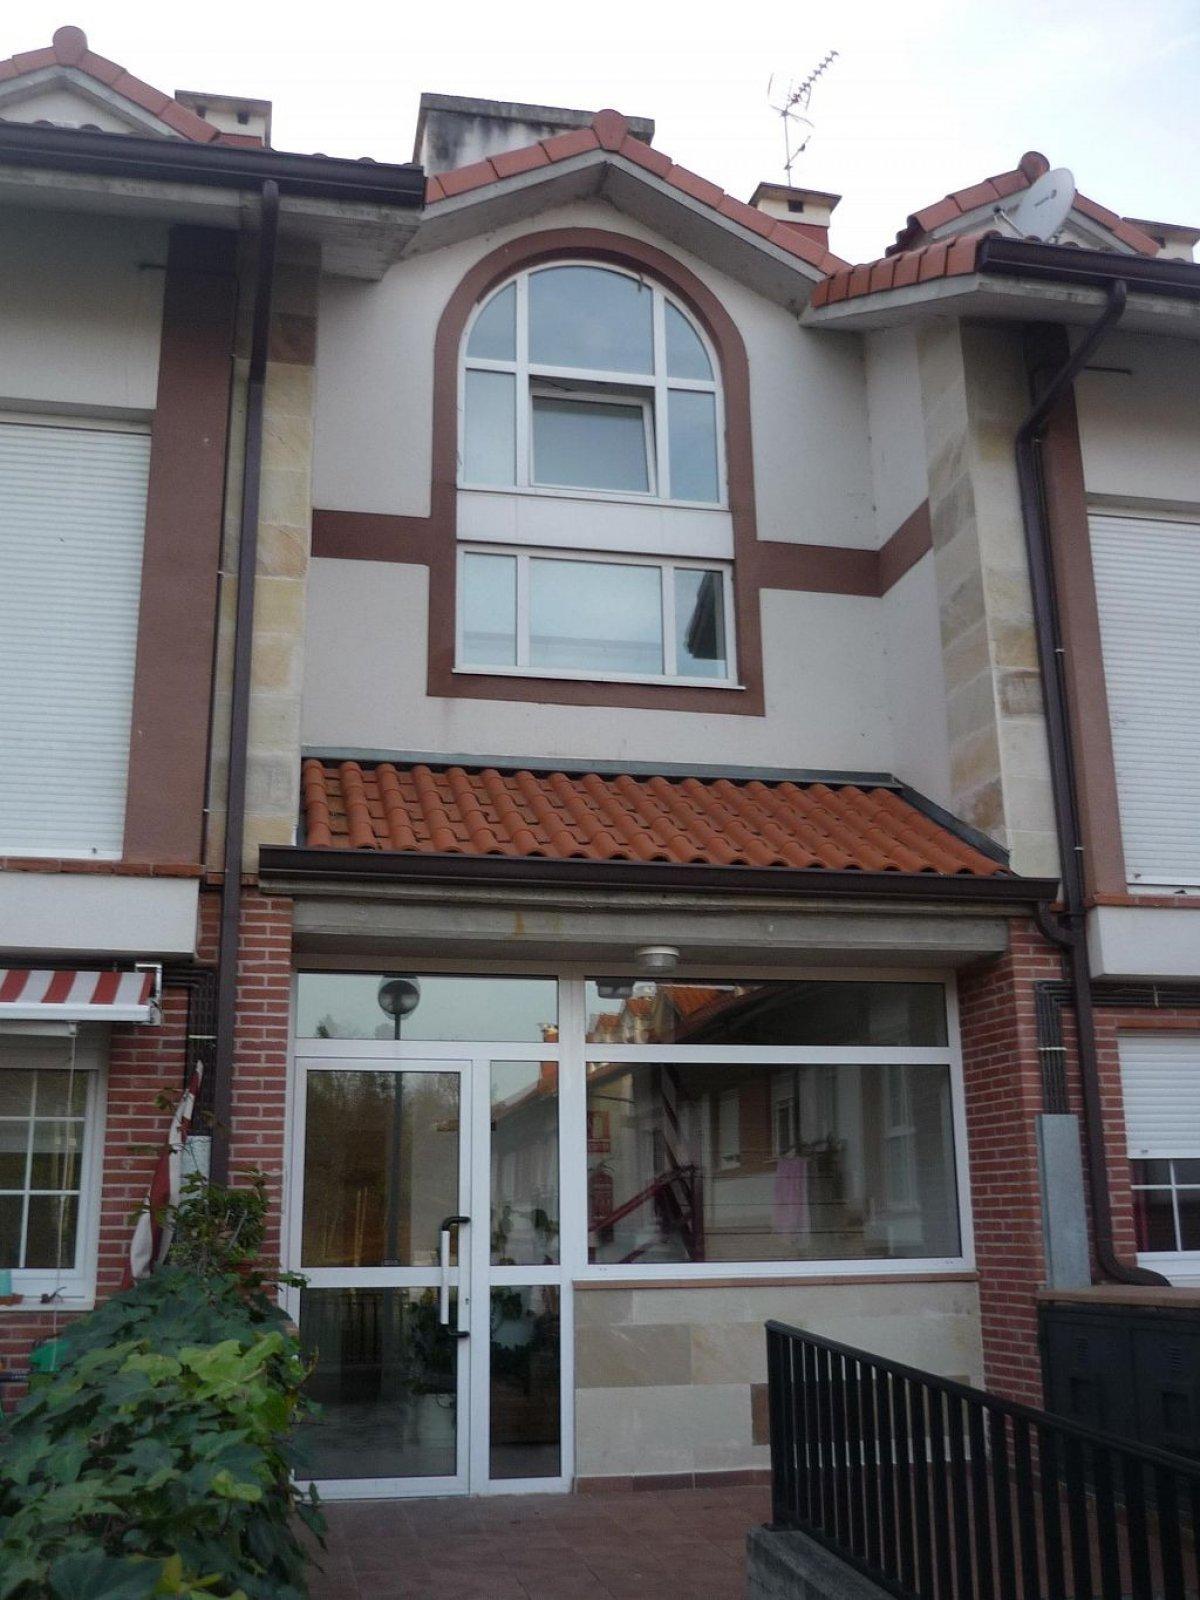 Atico en venta en Castañeda  de 1 Habitación, 1 Baño y 75 m2 por 90.000 €.